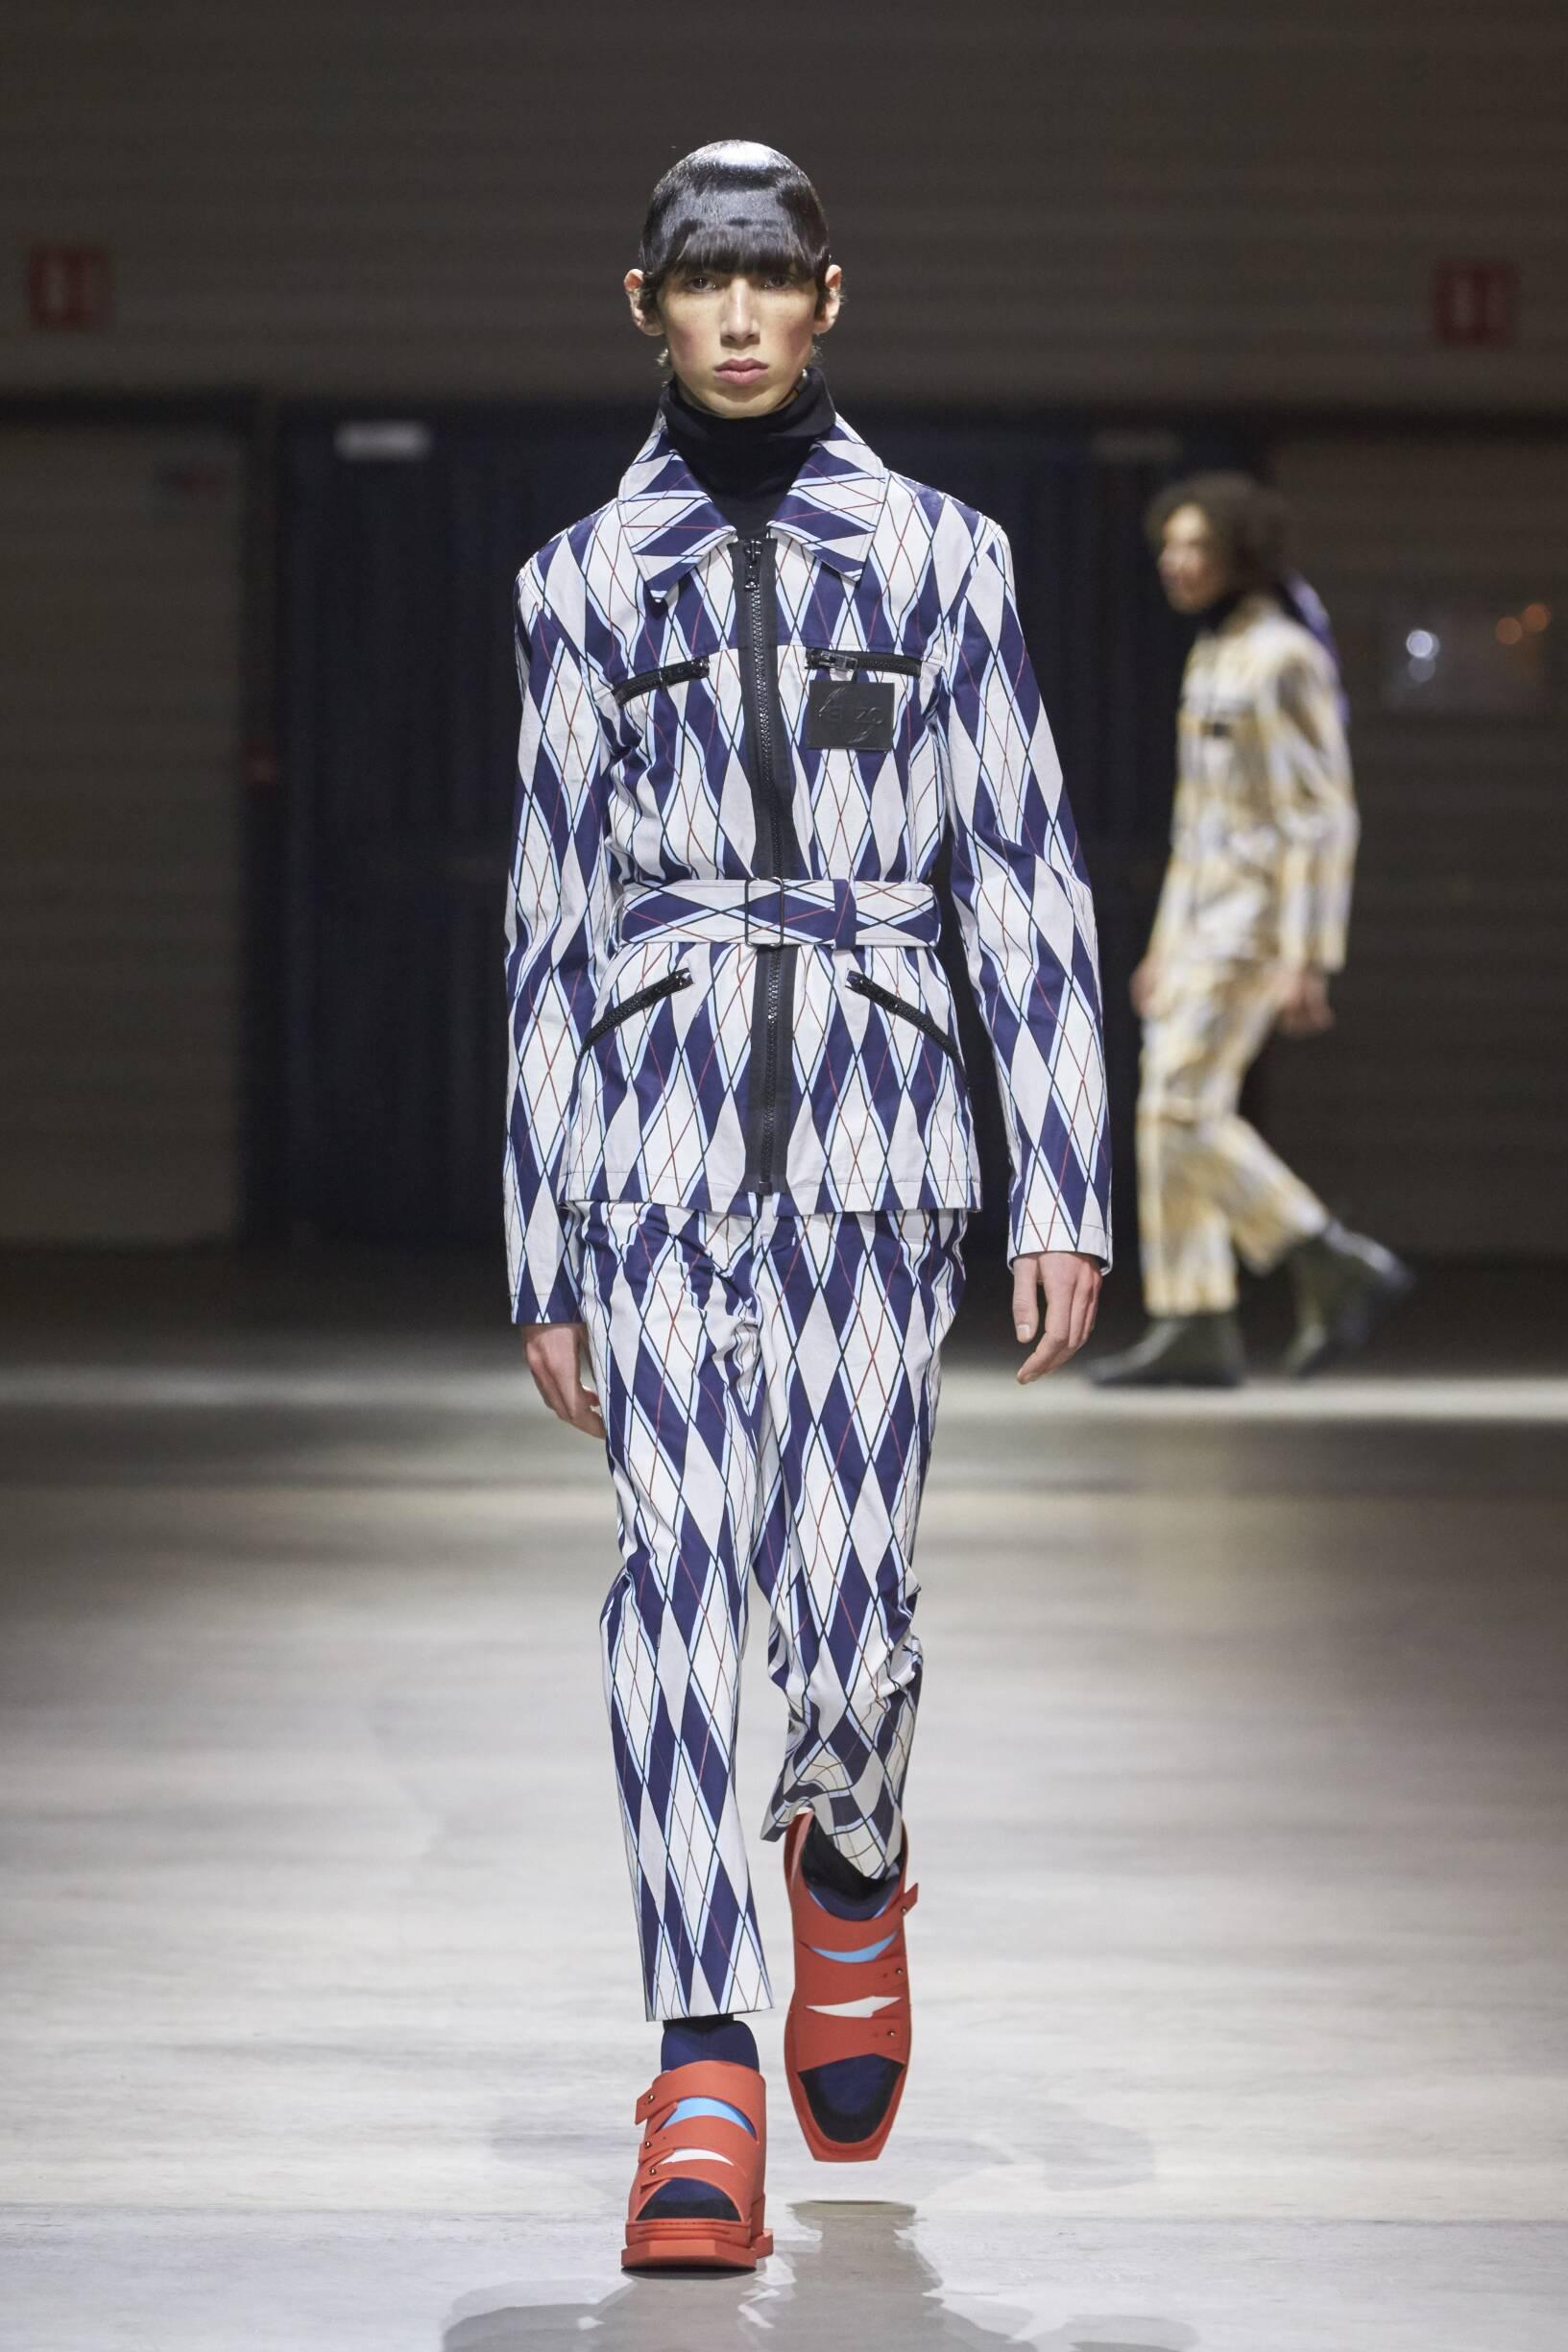 Winter 2017 Man Trends Kenzo